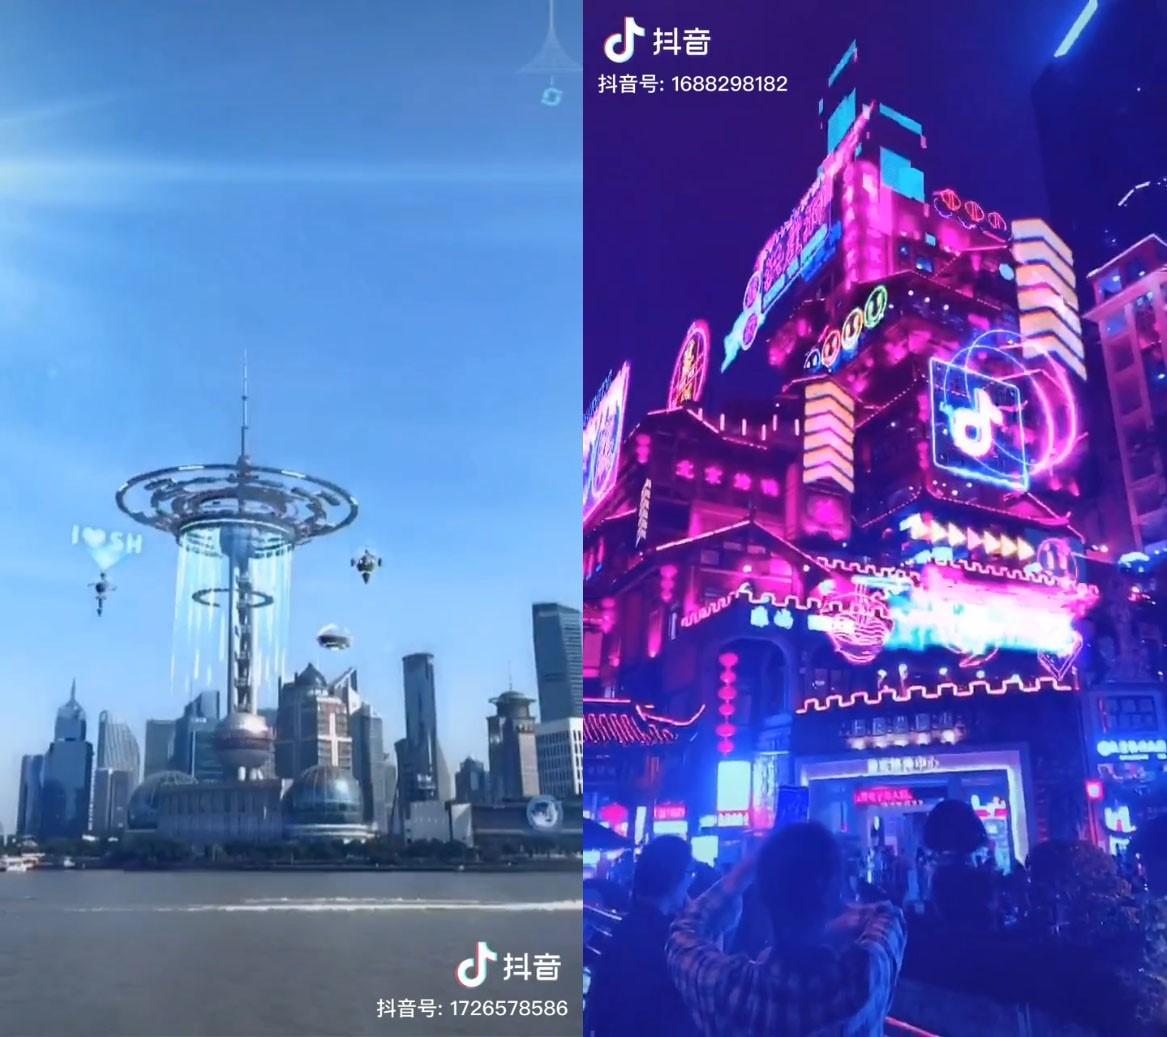 """上海东方明珠""""天空之城""""、重庆""""朋克洪崖洞"""" Landmark AR 效果"""